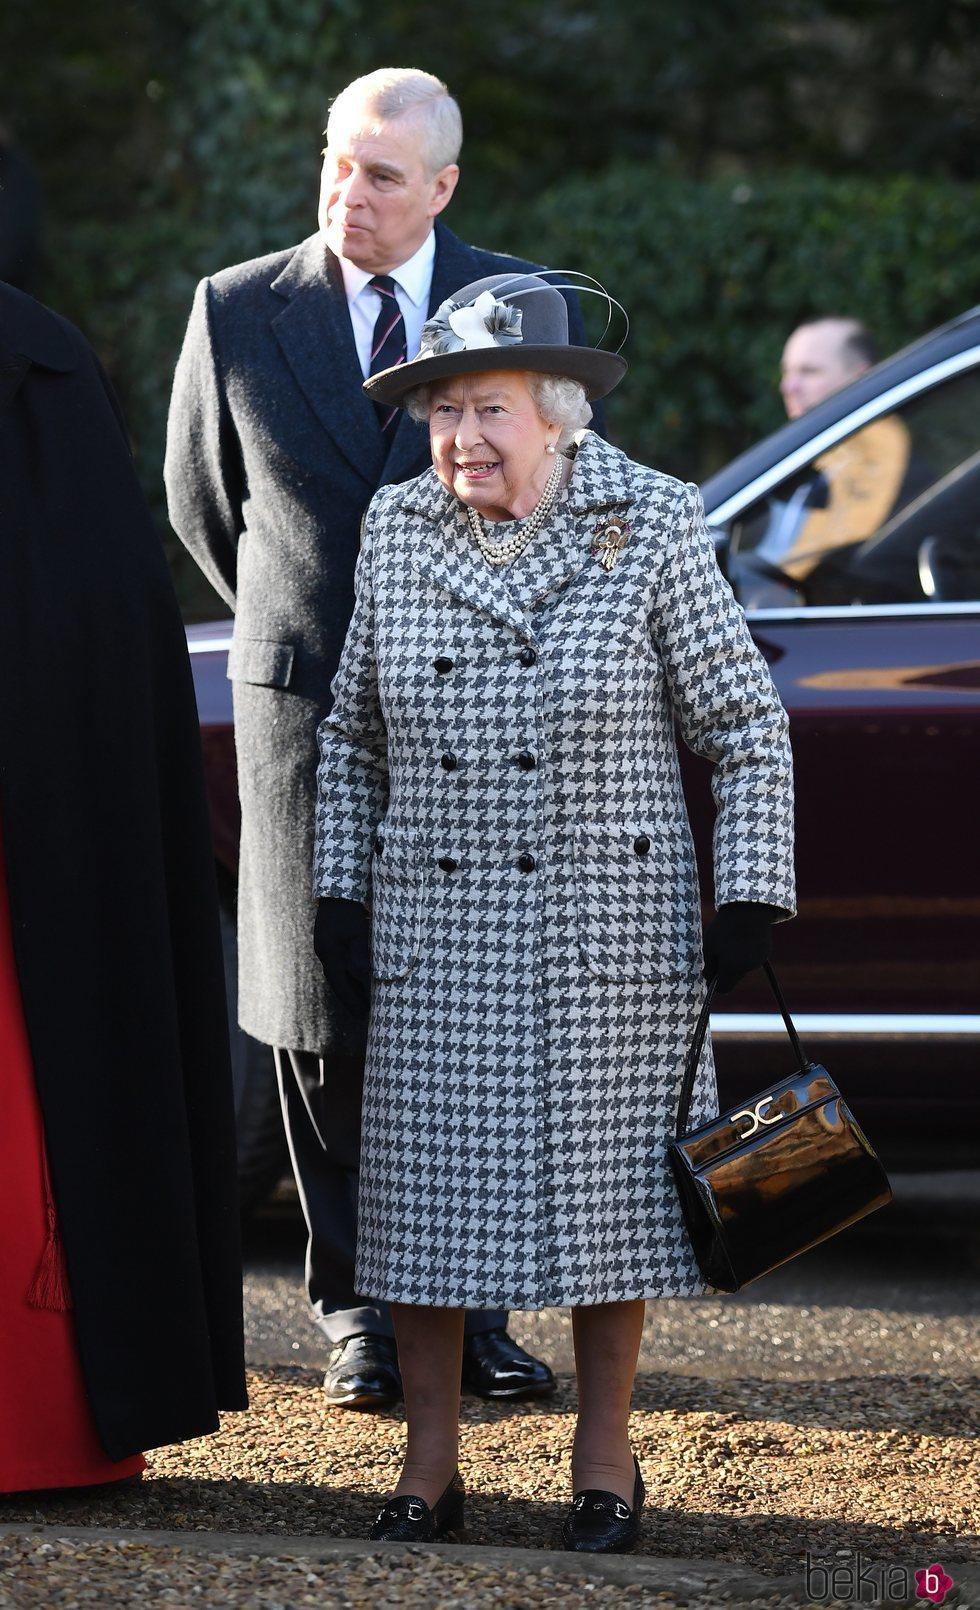 La Reina Isabel II y el Príncipe Andrés en el servicio religioso en Sandringham